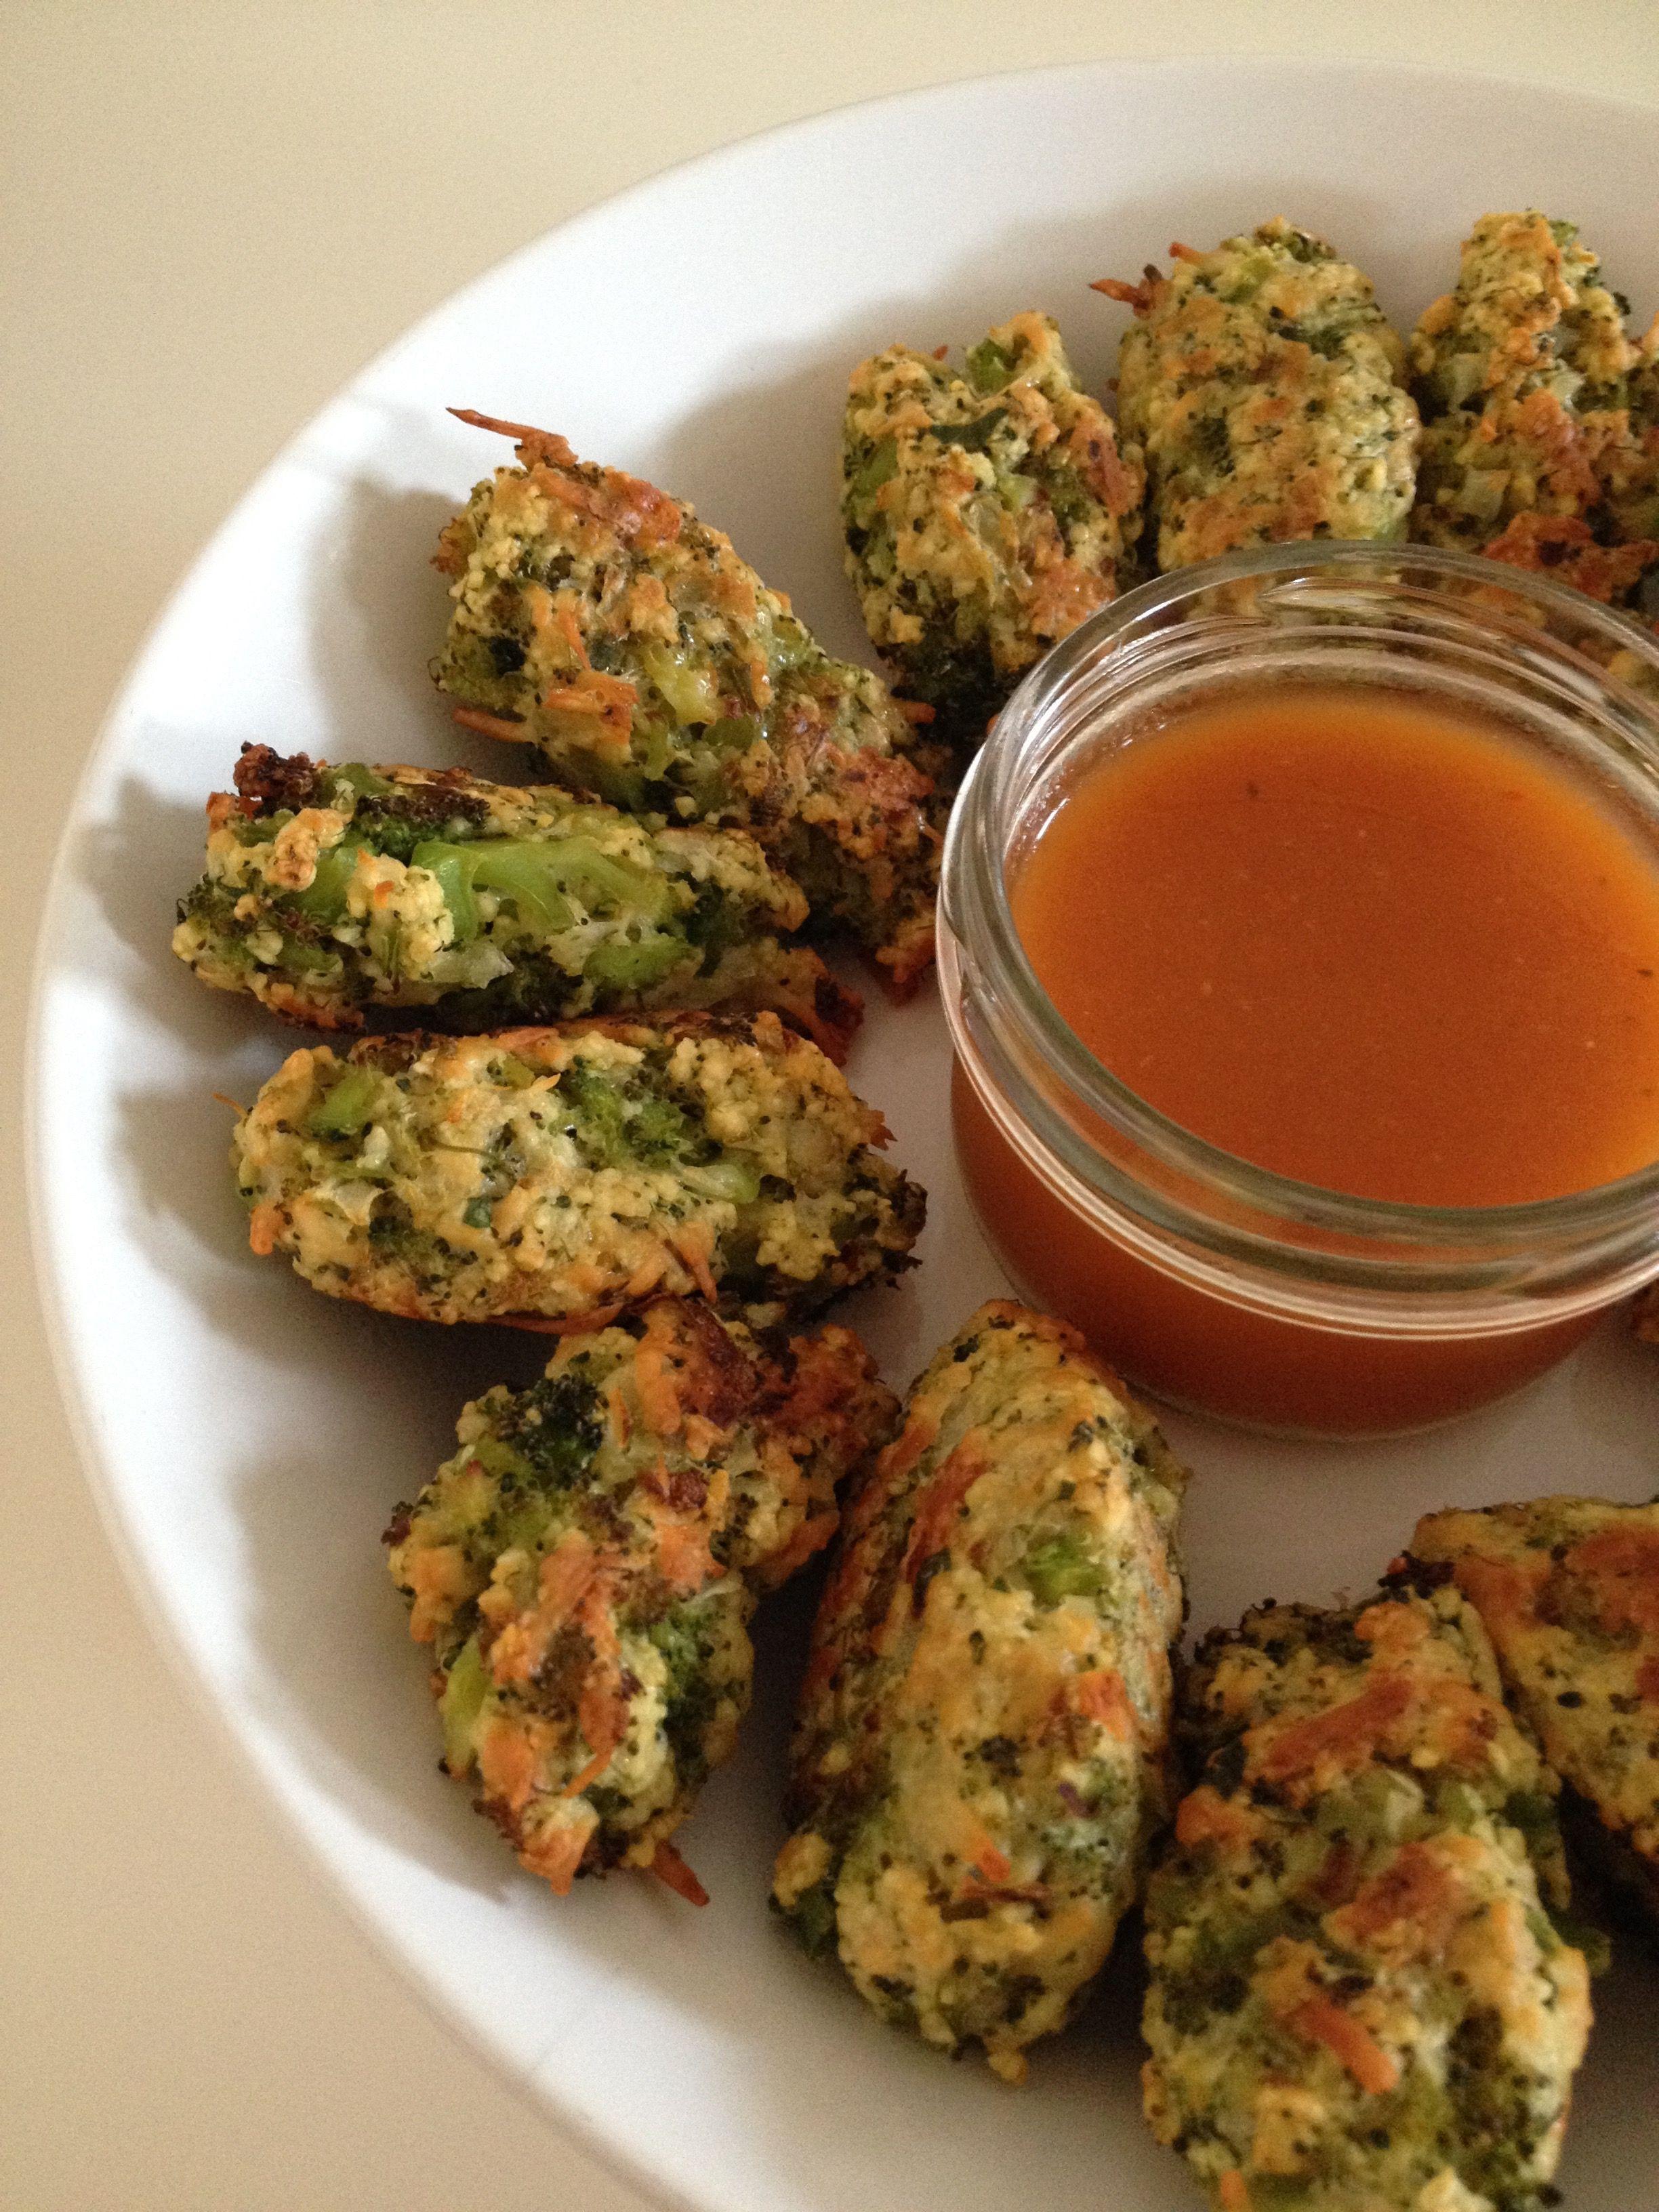 Des bouch es croquantes au brocoli id al pour l 39 ap ritif - Cuisiner des brocolis frais ...